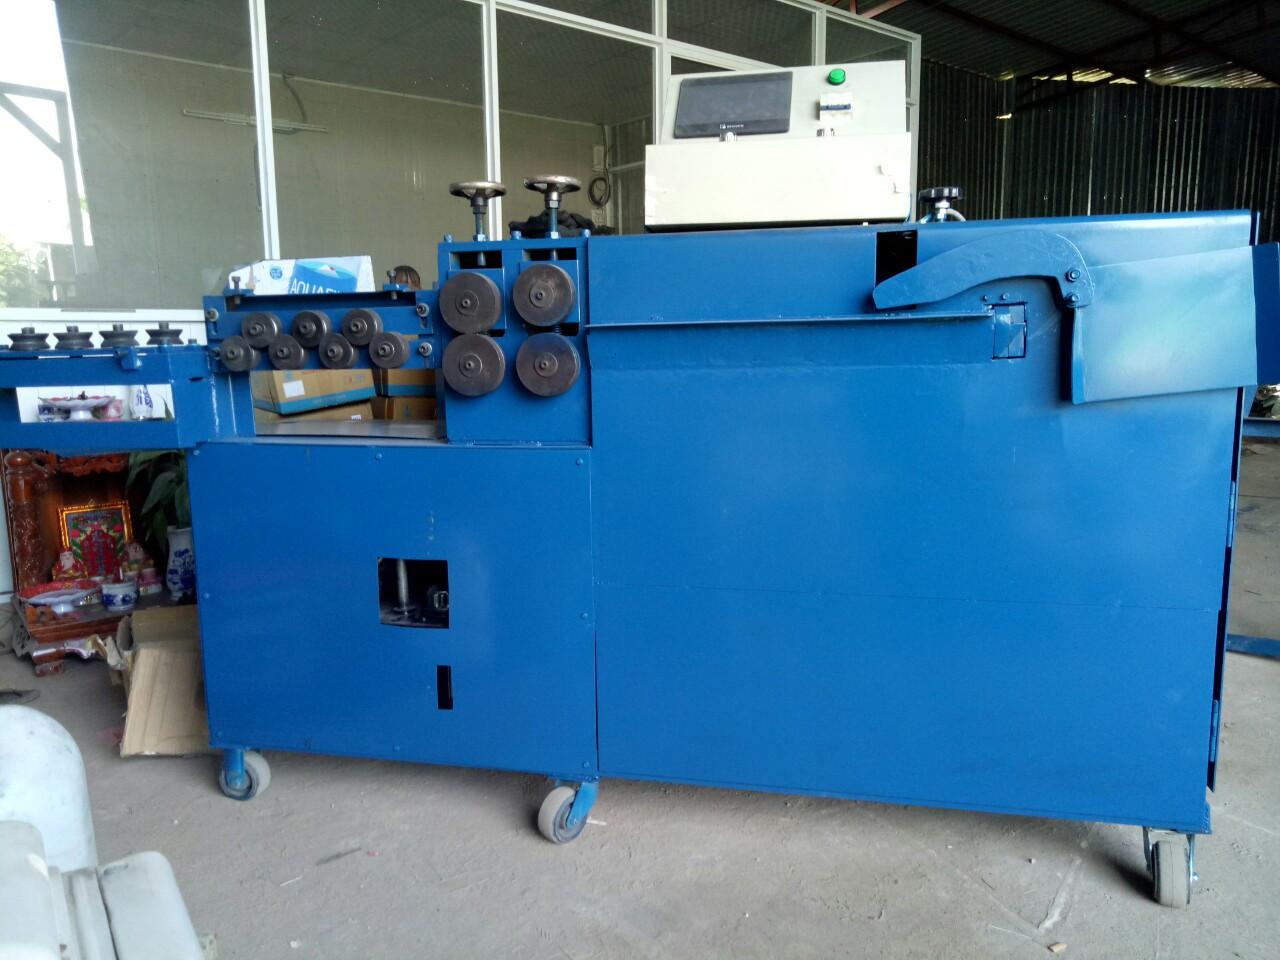 Máy bẻ đai sắt tự động - Cấu tạo và hoạt động của máy bẻ đai sắt